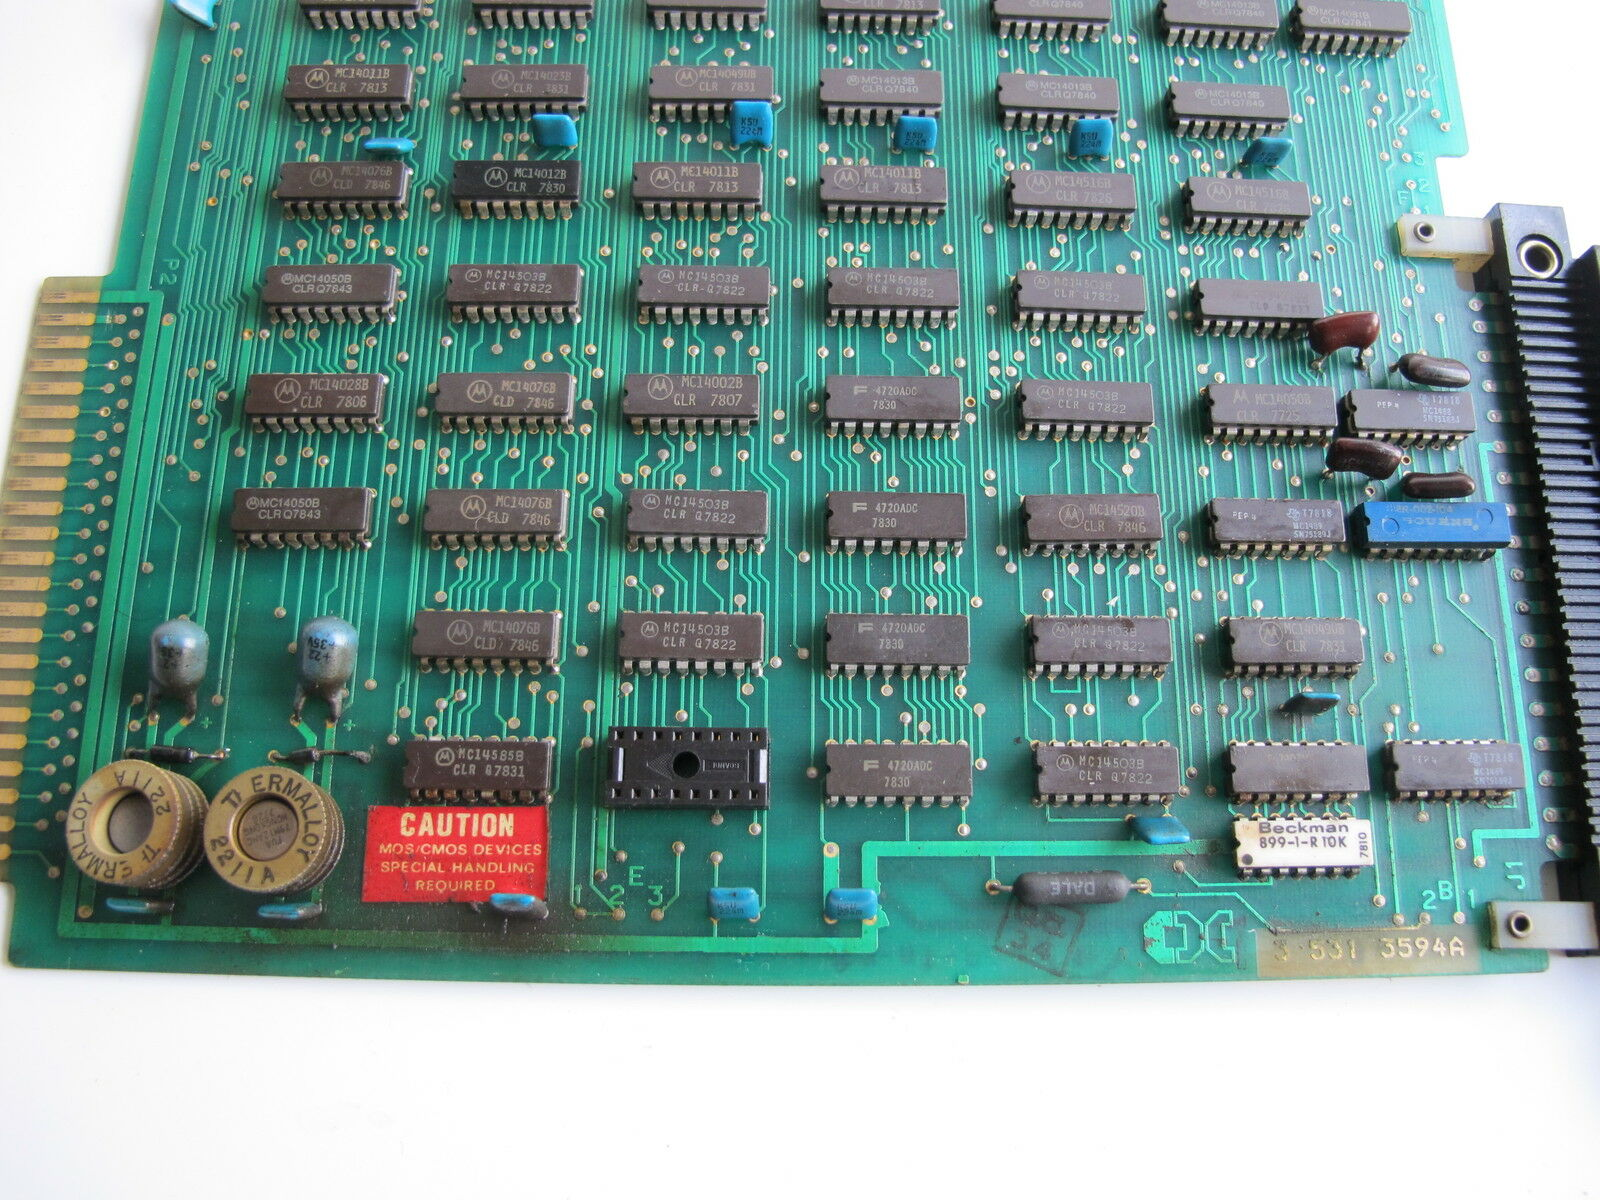 Cincinnati Milacron 3-531-3594A placa de circuito, circuito, circuito, Cincinnati Milacron 3 531 3594A 789ece